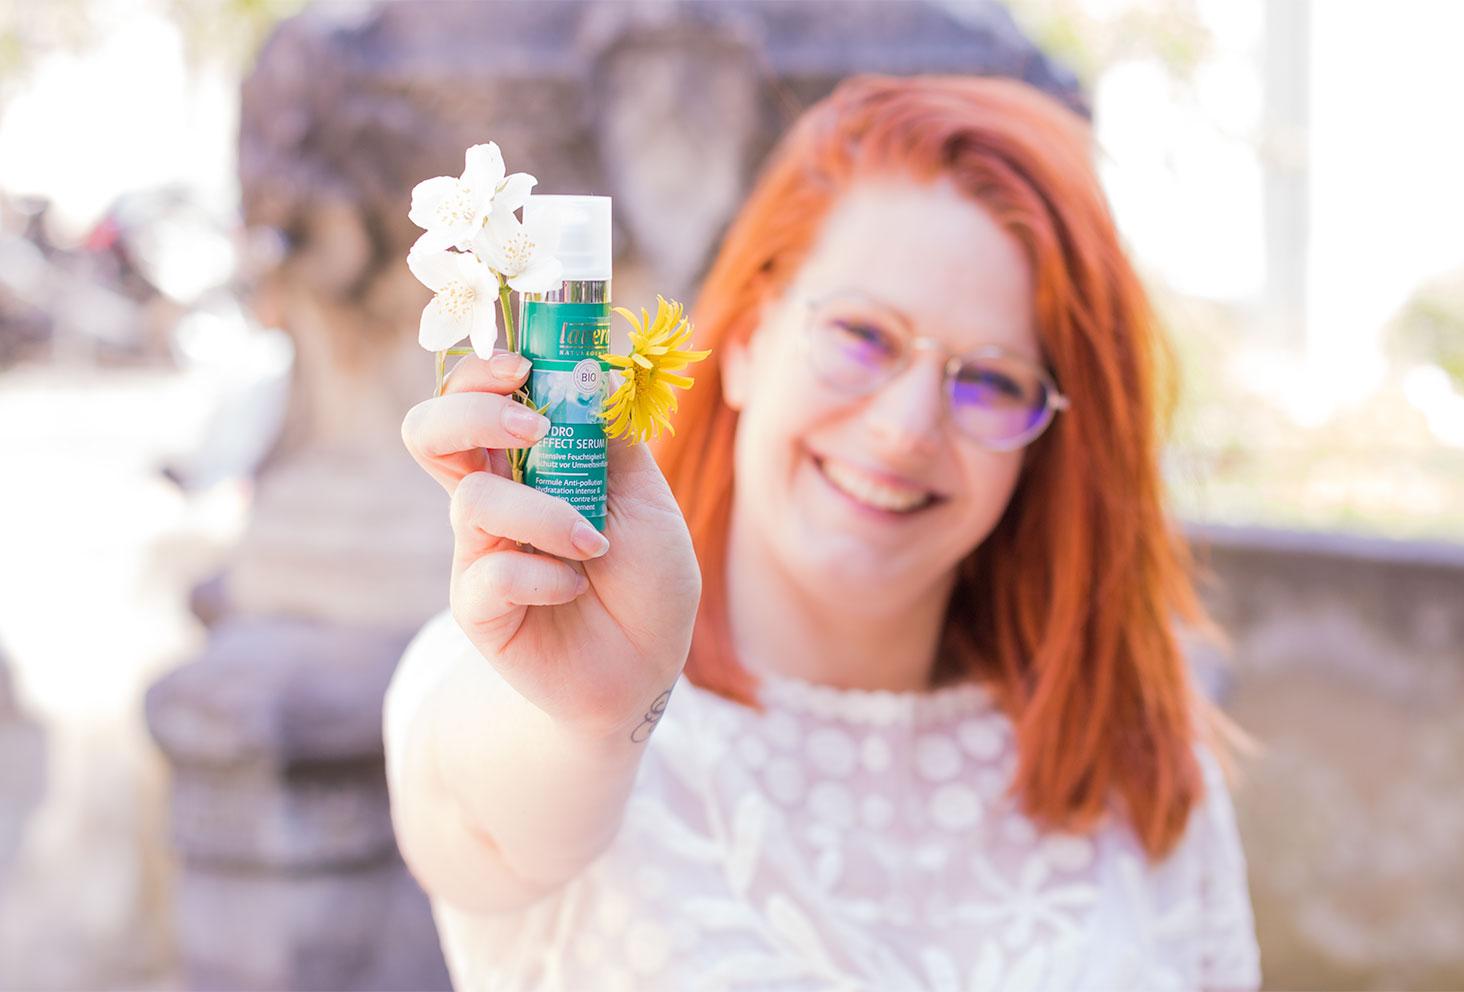 Présentation dans la main avec le visage en arrière plan du sérum anti-pollution de Lavera Naturkosmetik entre les fleurs